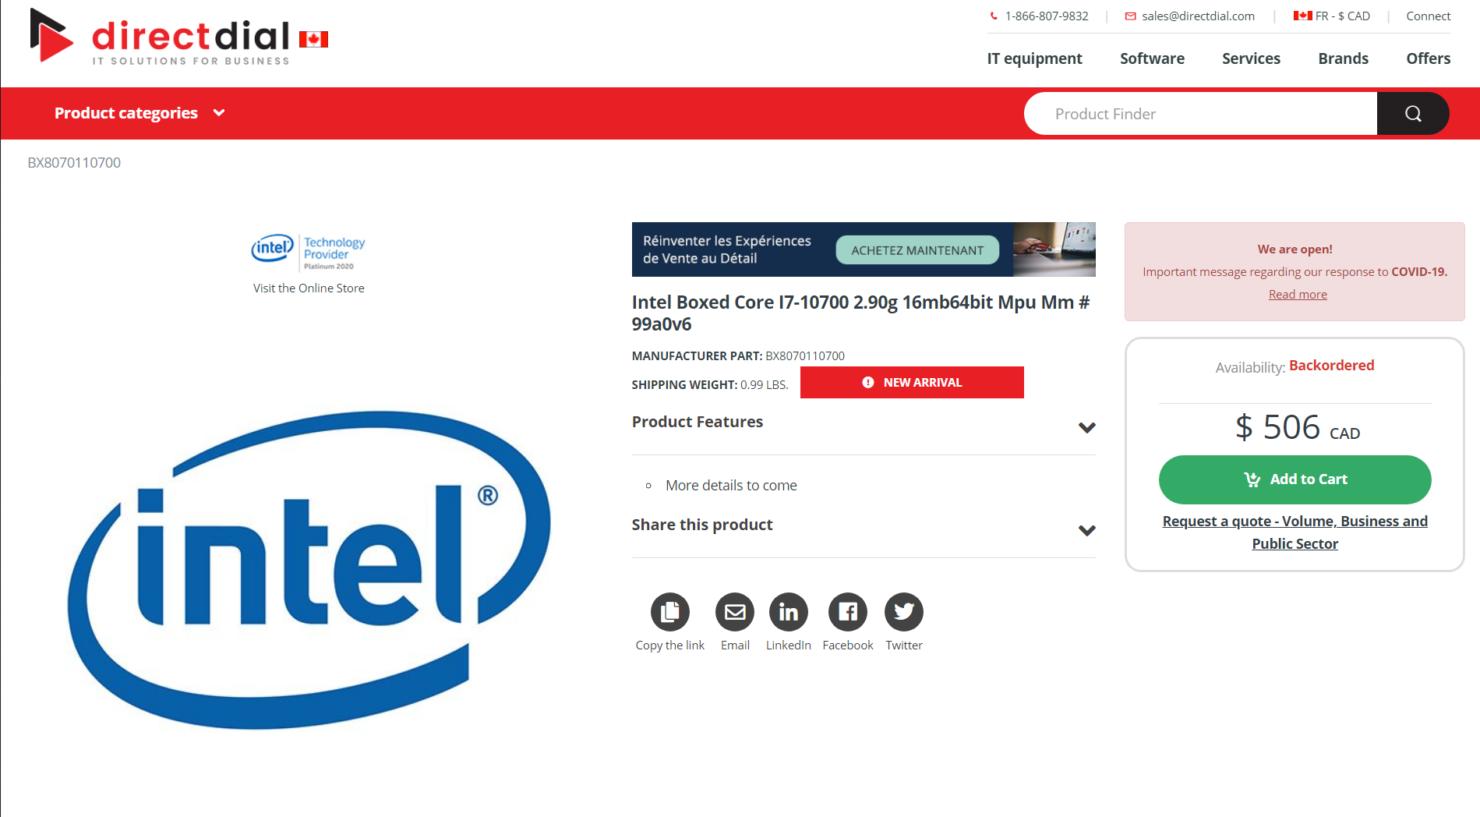 intel-core-i7-10700-8-core-desktop-cpu